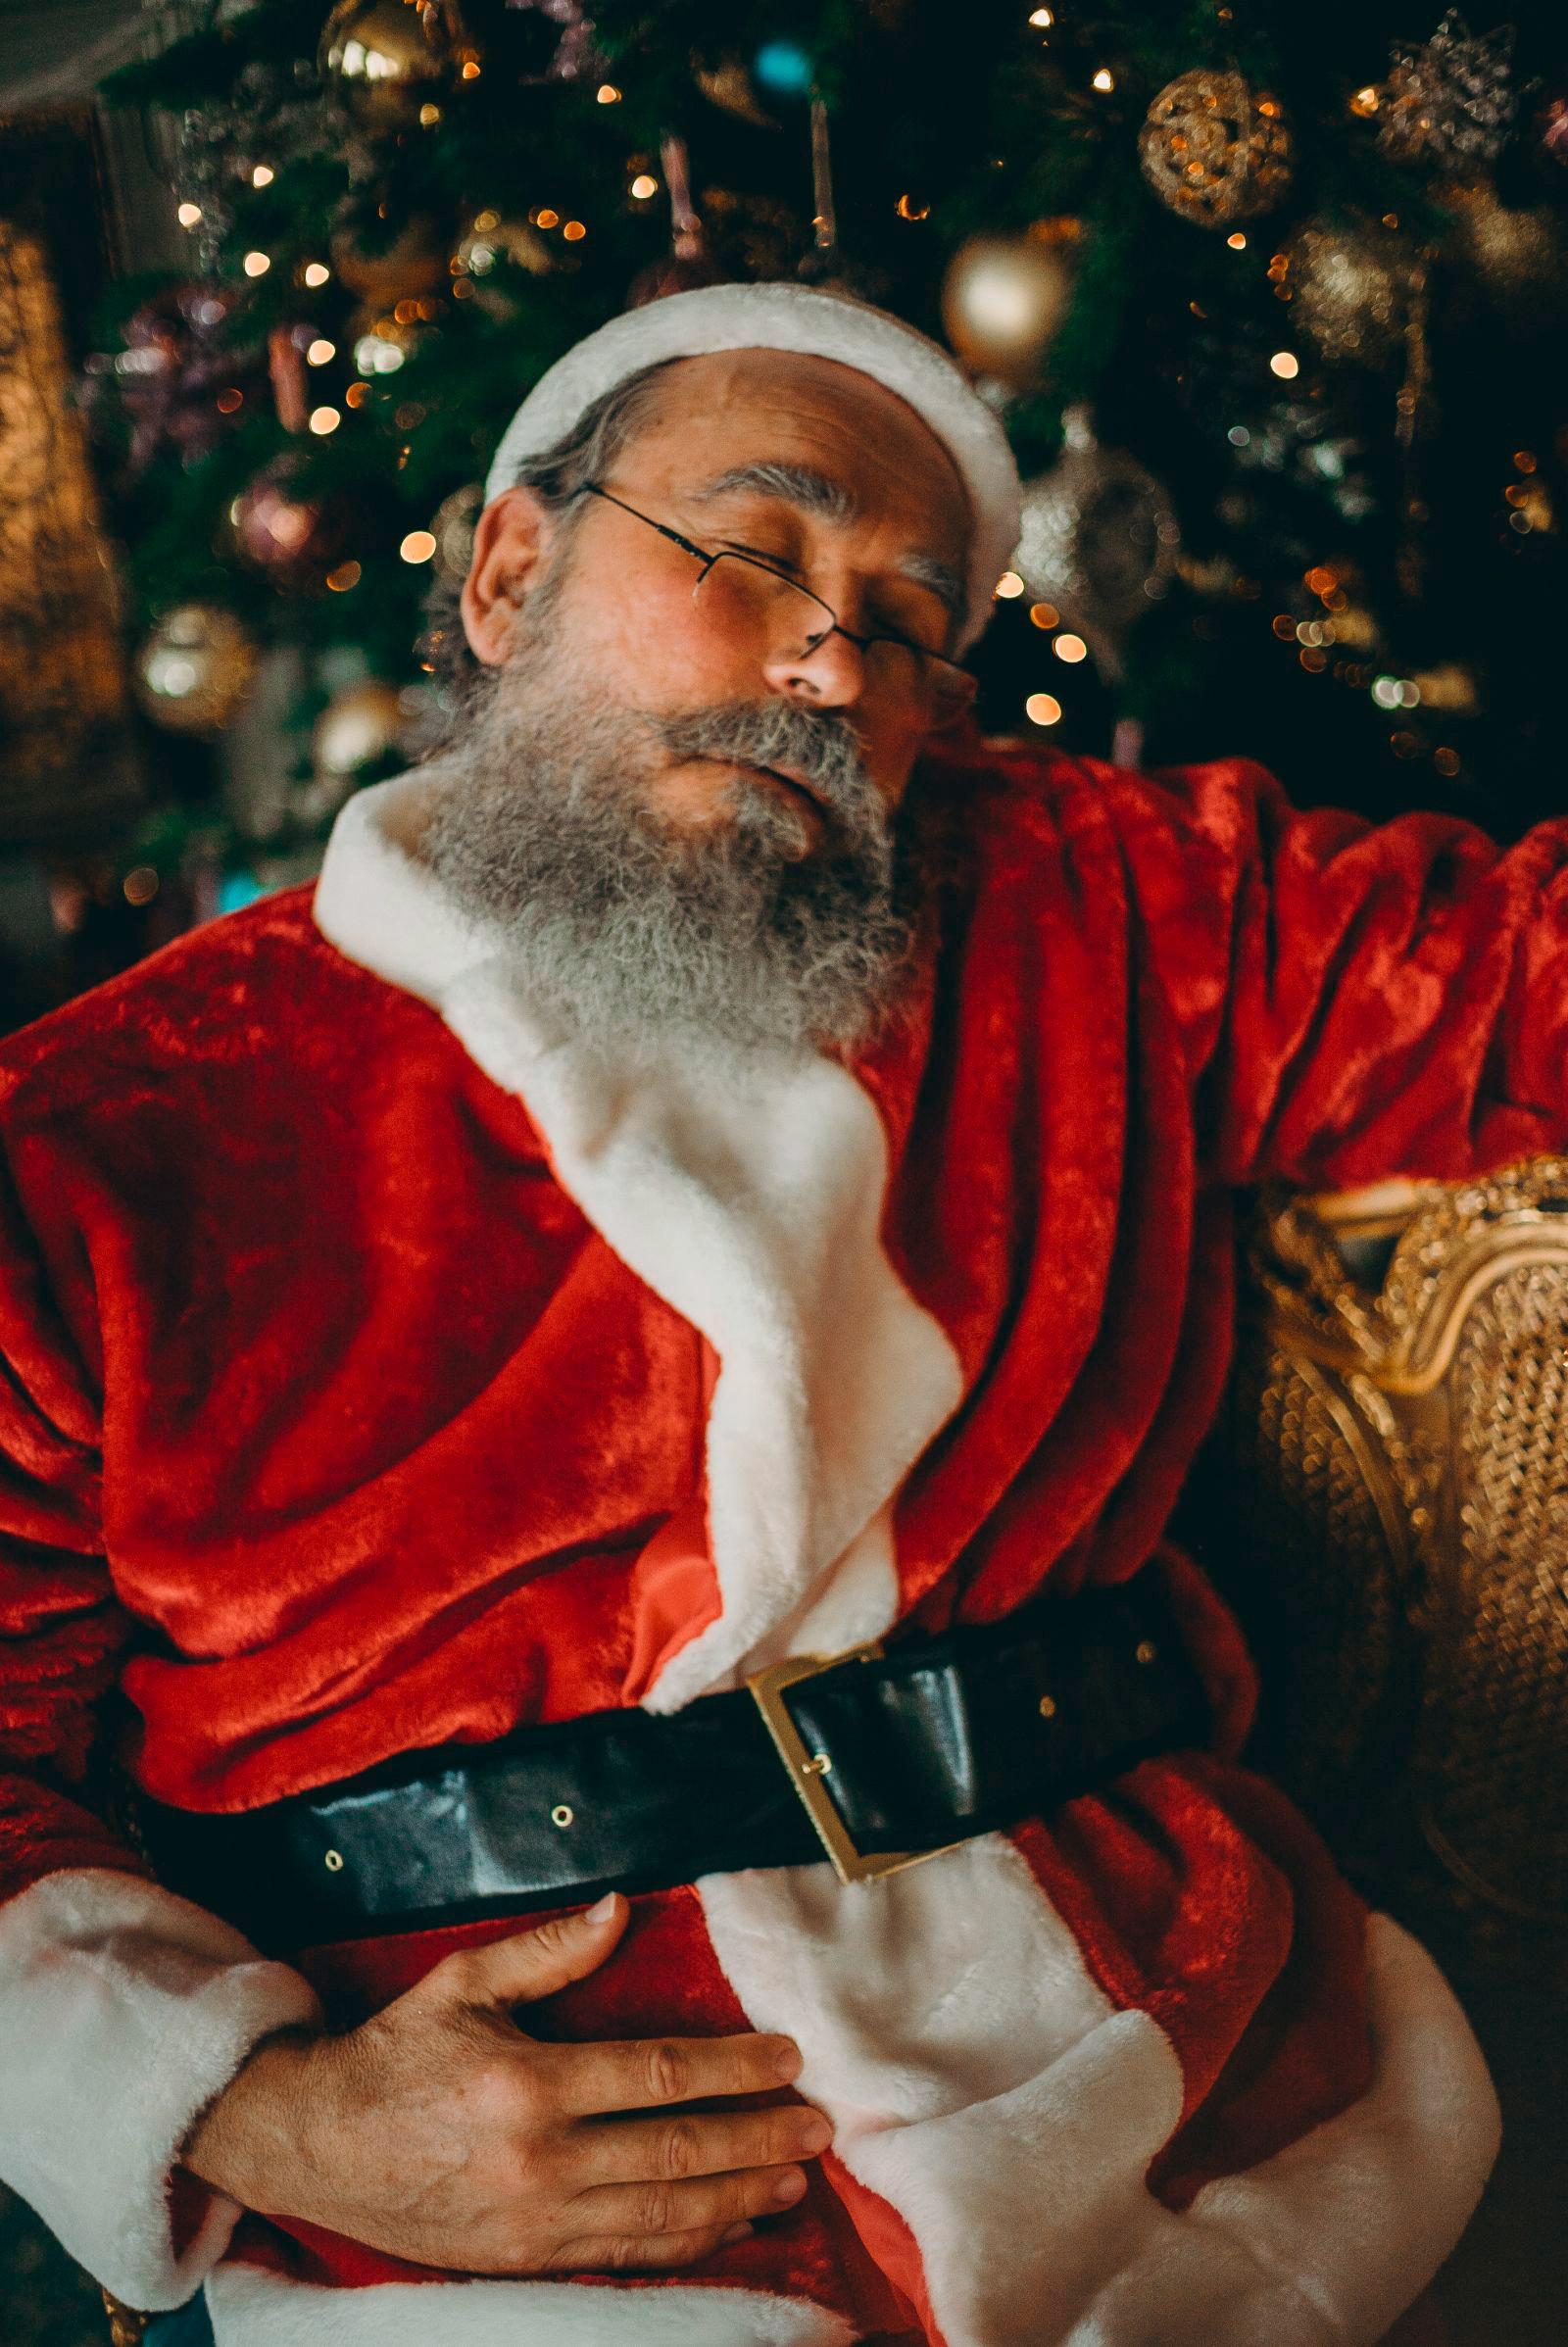 Der Weihnachtsmann liegt auf der Couch und ruht sich aus